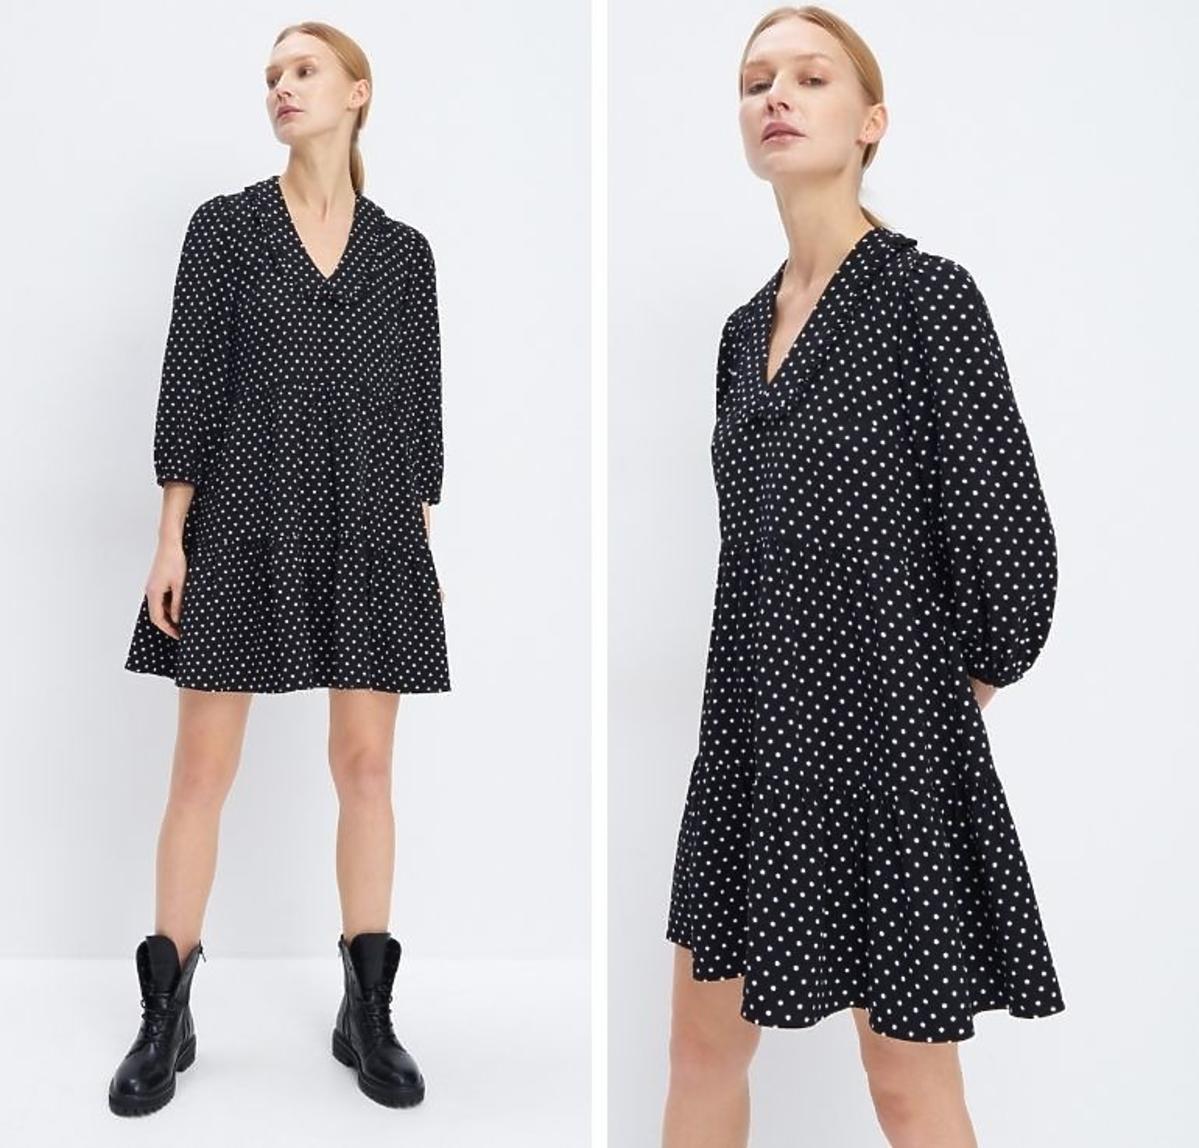 Sukienka w kropki na wiosnę Mohito cena 139 zł